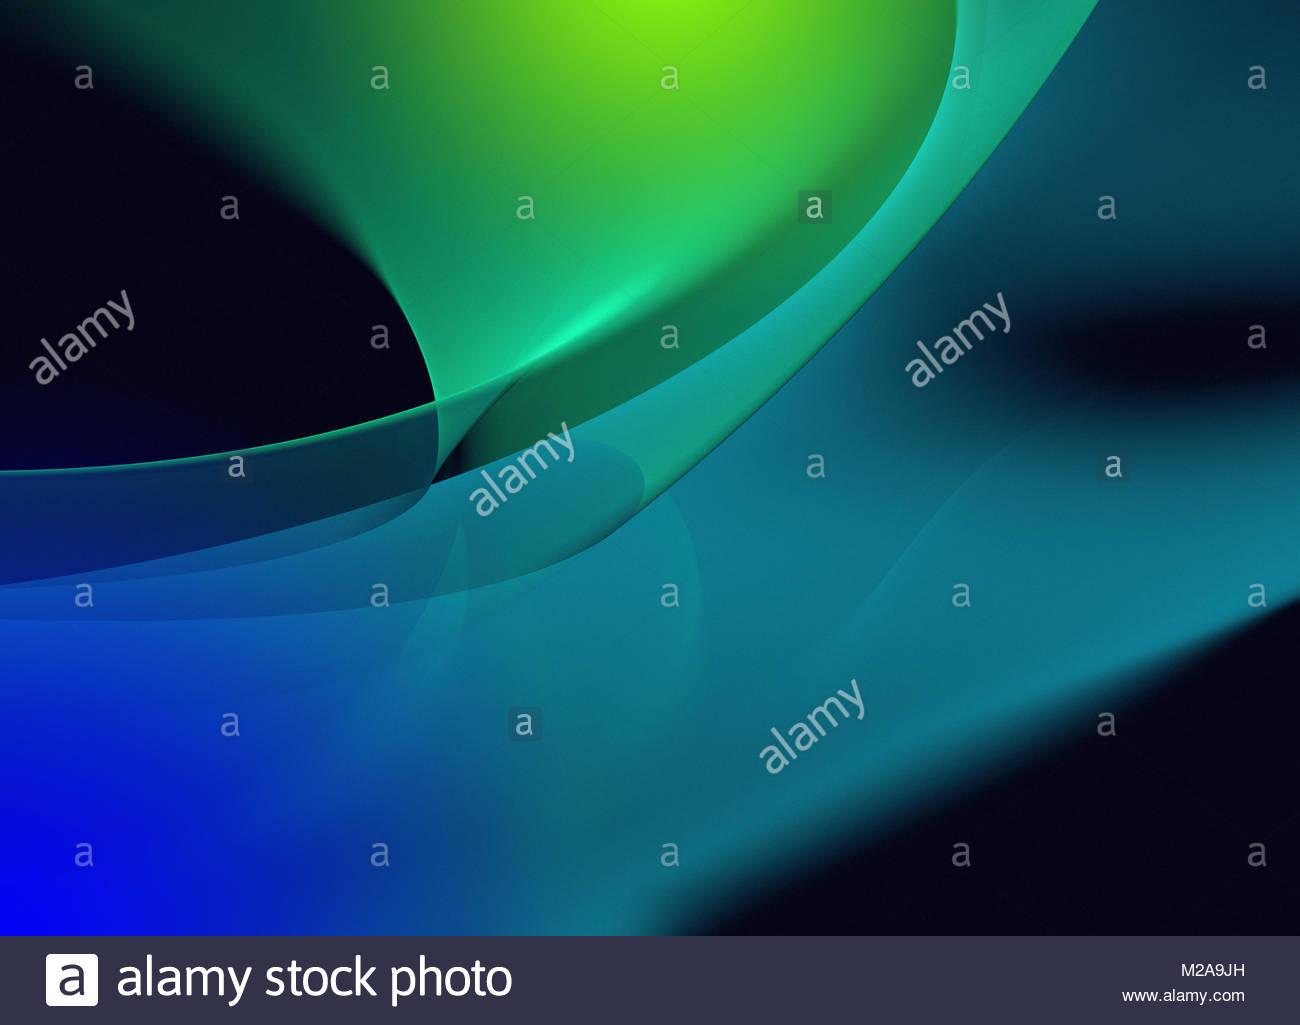 Abstrakt-Kurve-Muster Stockbild